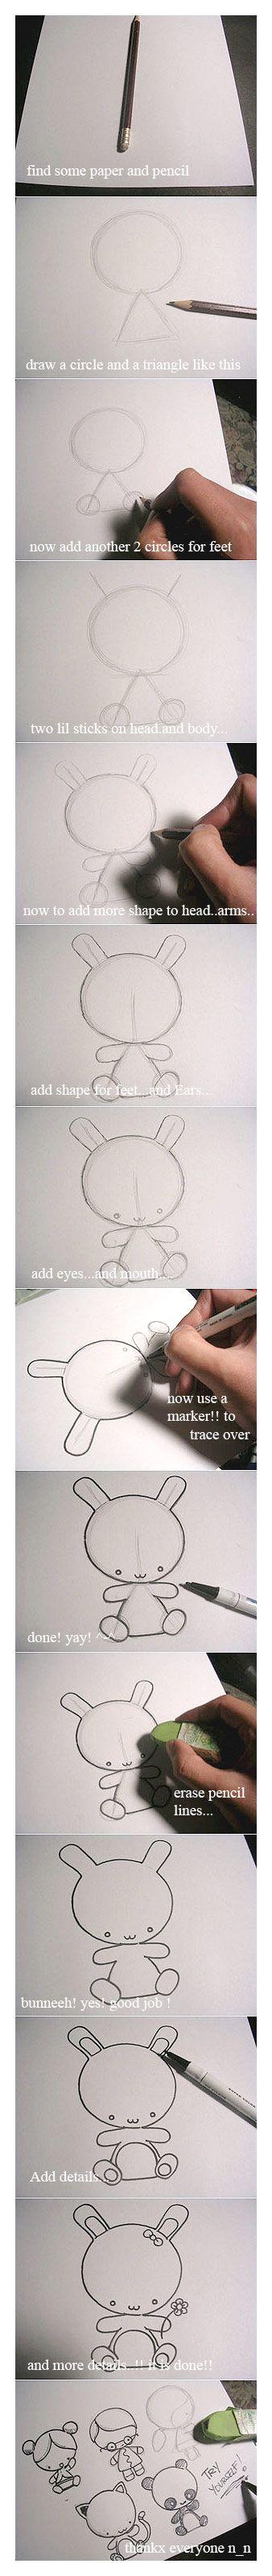 Cómo dibujar un personaje en un minuto.